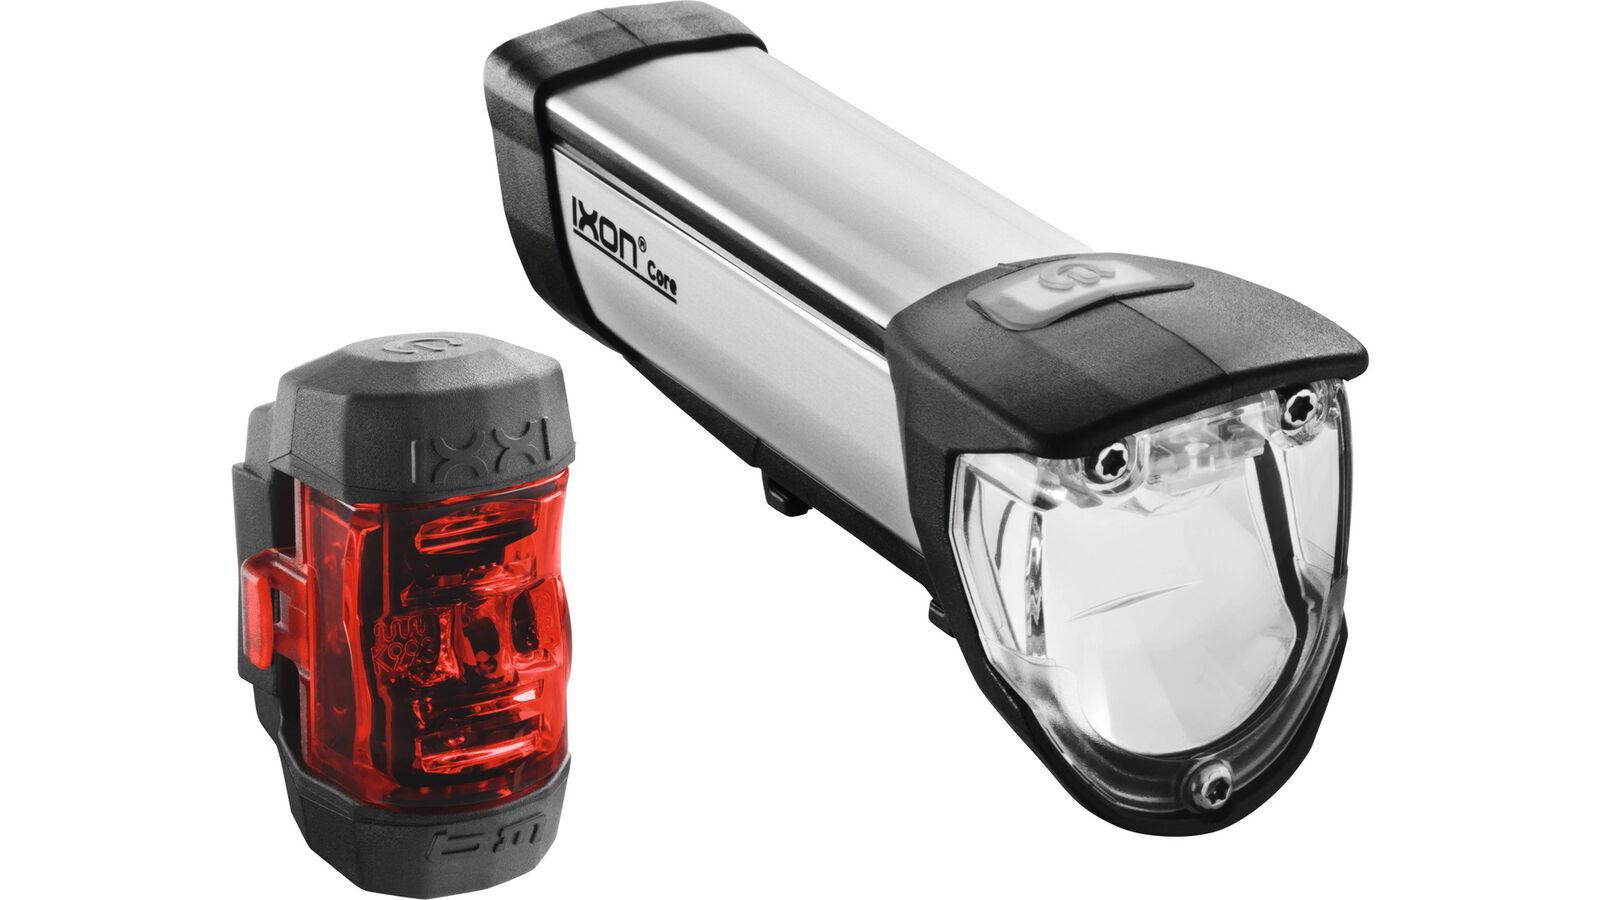 0.310.764 6 B & M LED Batteria Set di Luci Ixon Core Anteriore e Posteriore